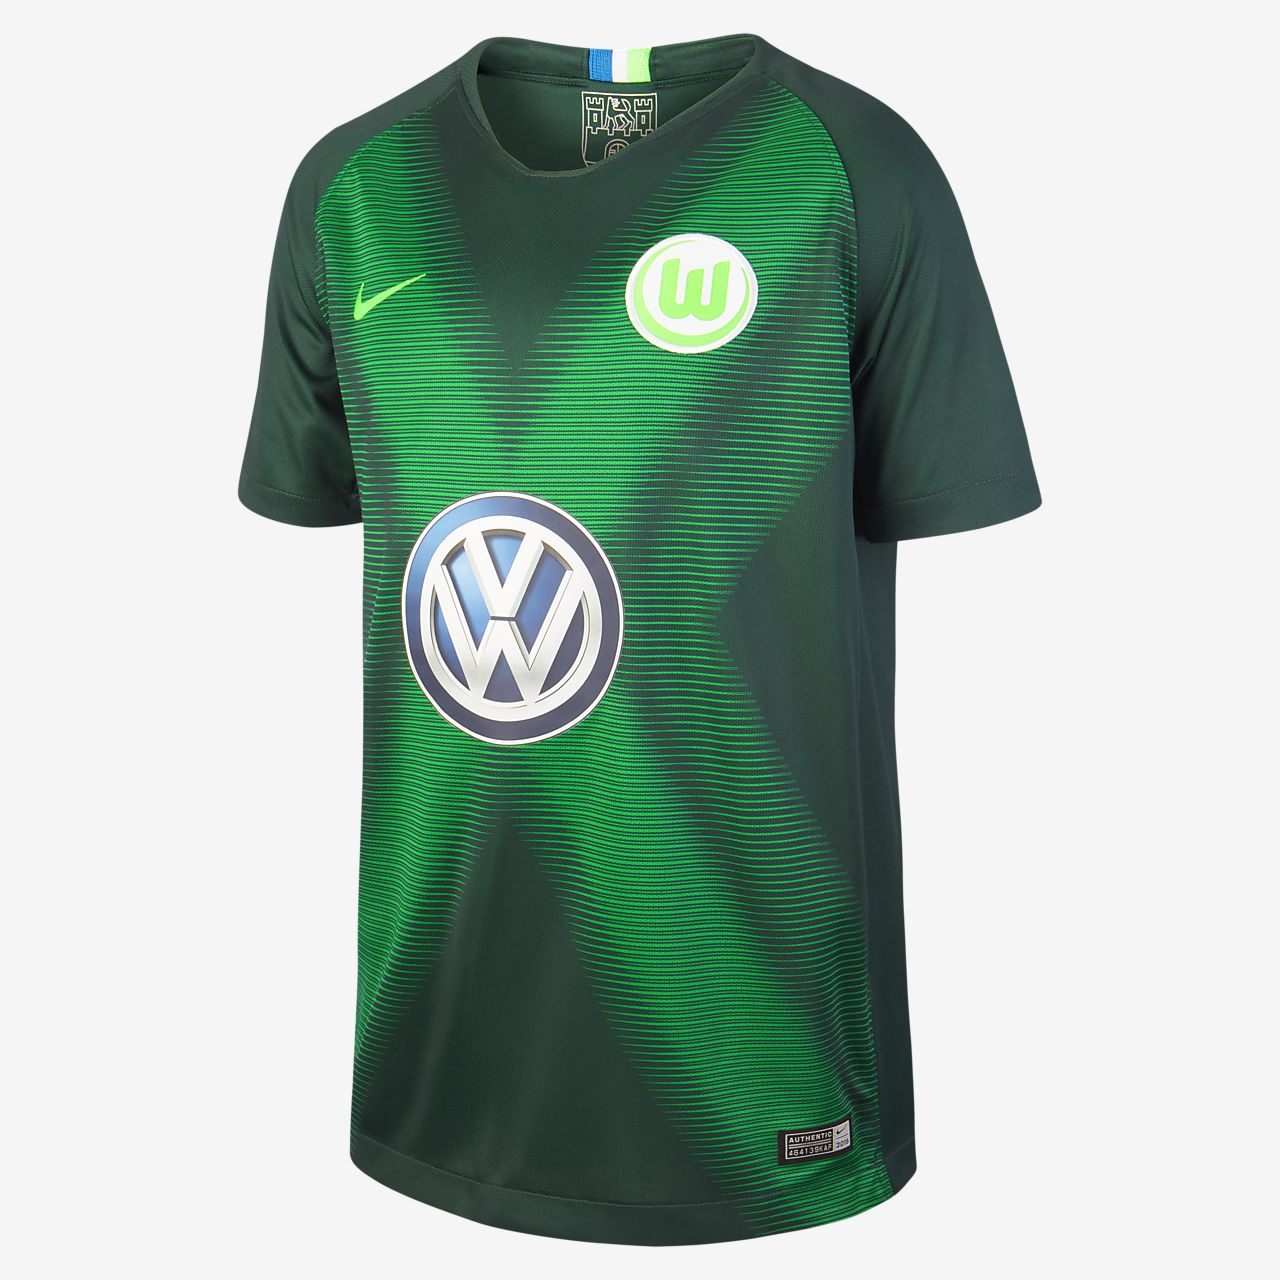 Camiseta de fútbol para niños talla grande de local Stadium del VfL Wolfsburg 2018/19